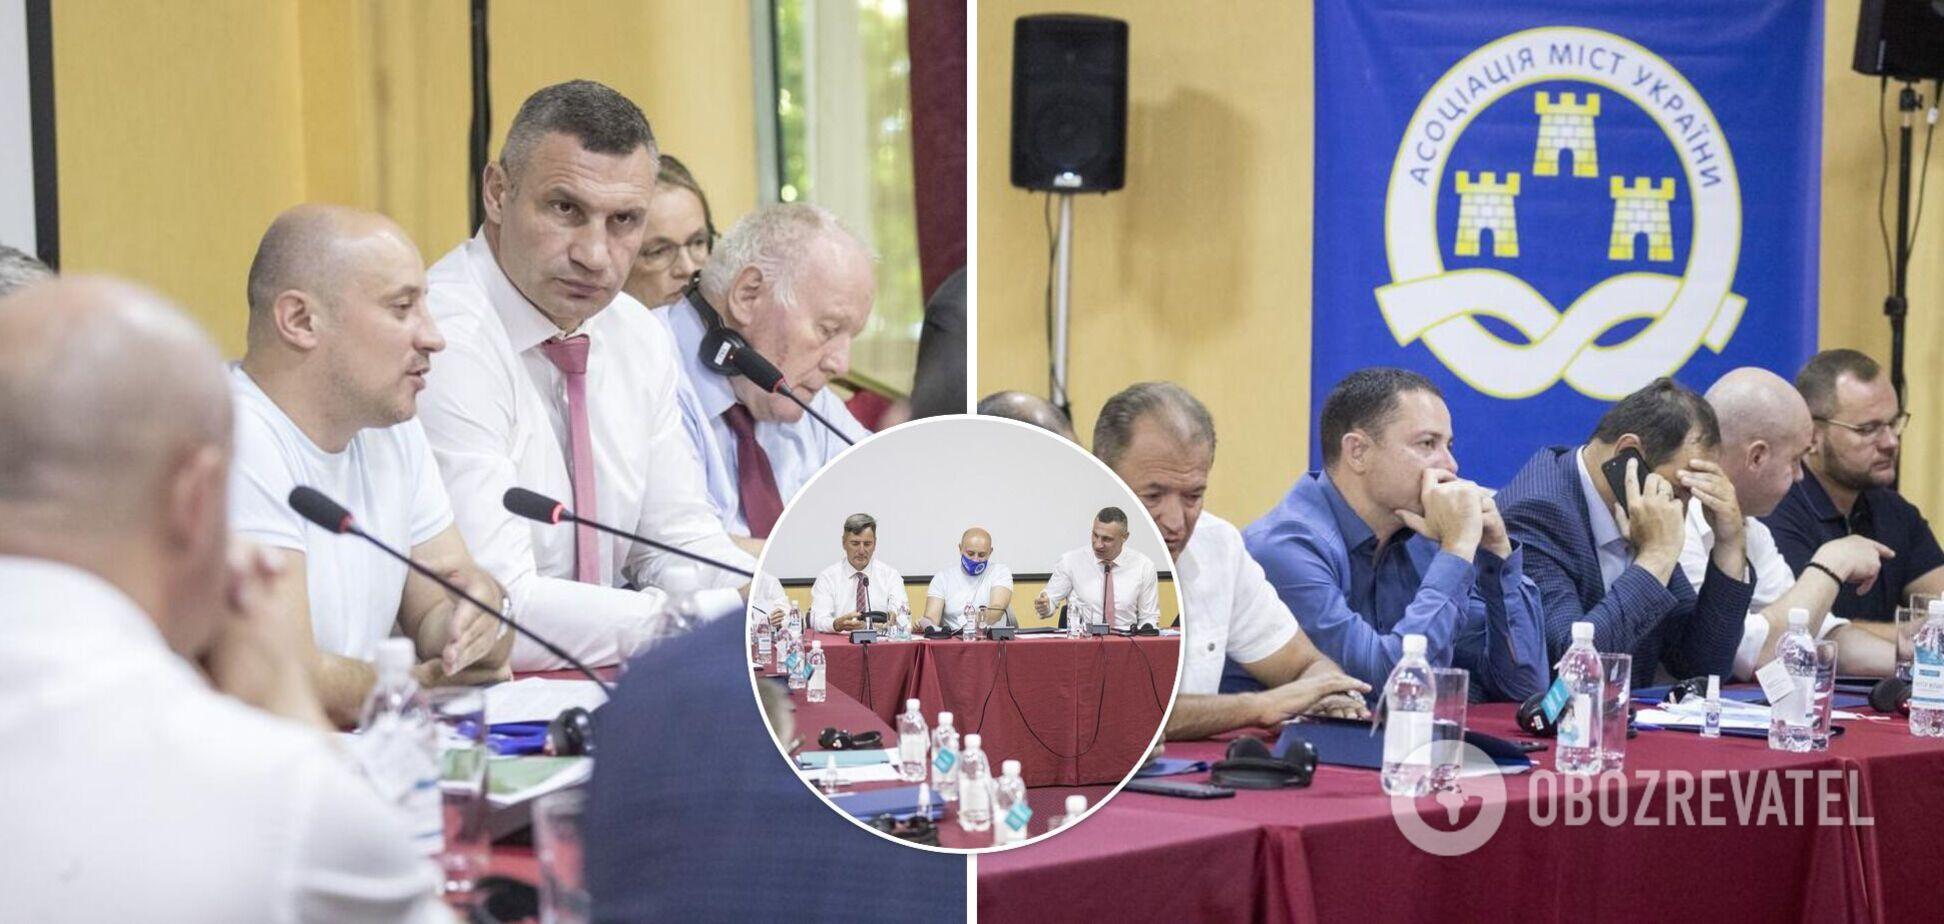 Кличко открыл Украинский муниципальный форум в Одессе и назвал главные задачи мероприятия